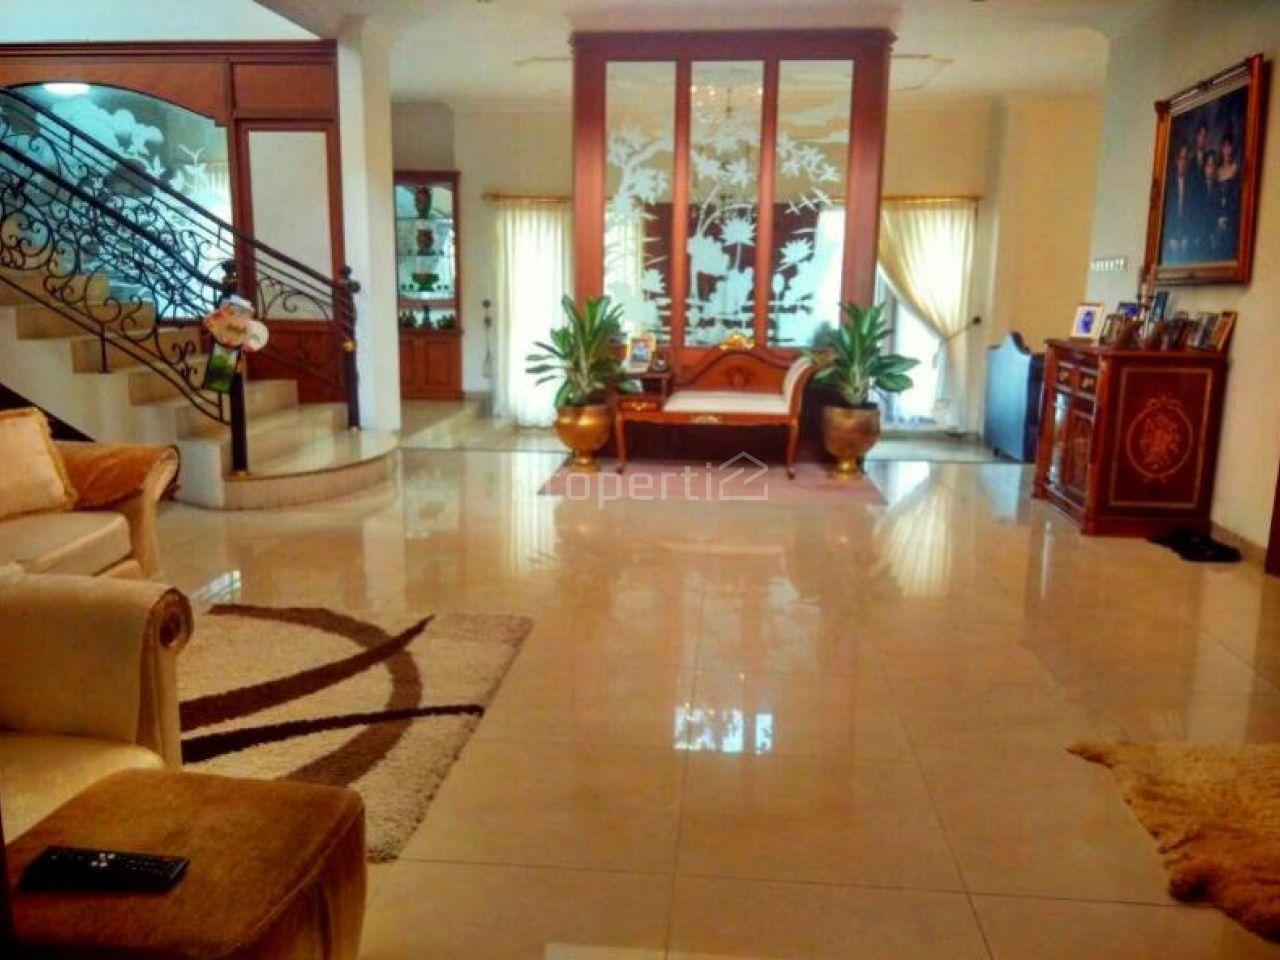 Rumah Mewah 2 Lantai di Villa Cinere Mas, Kota Depok